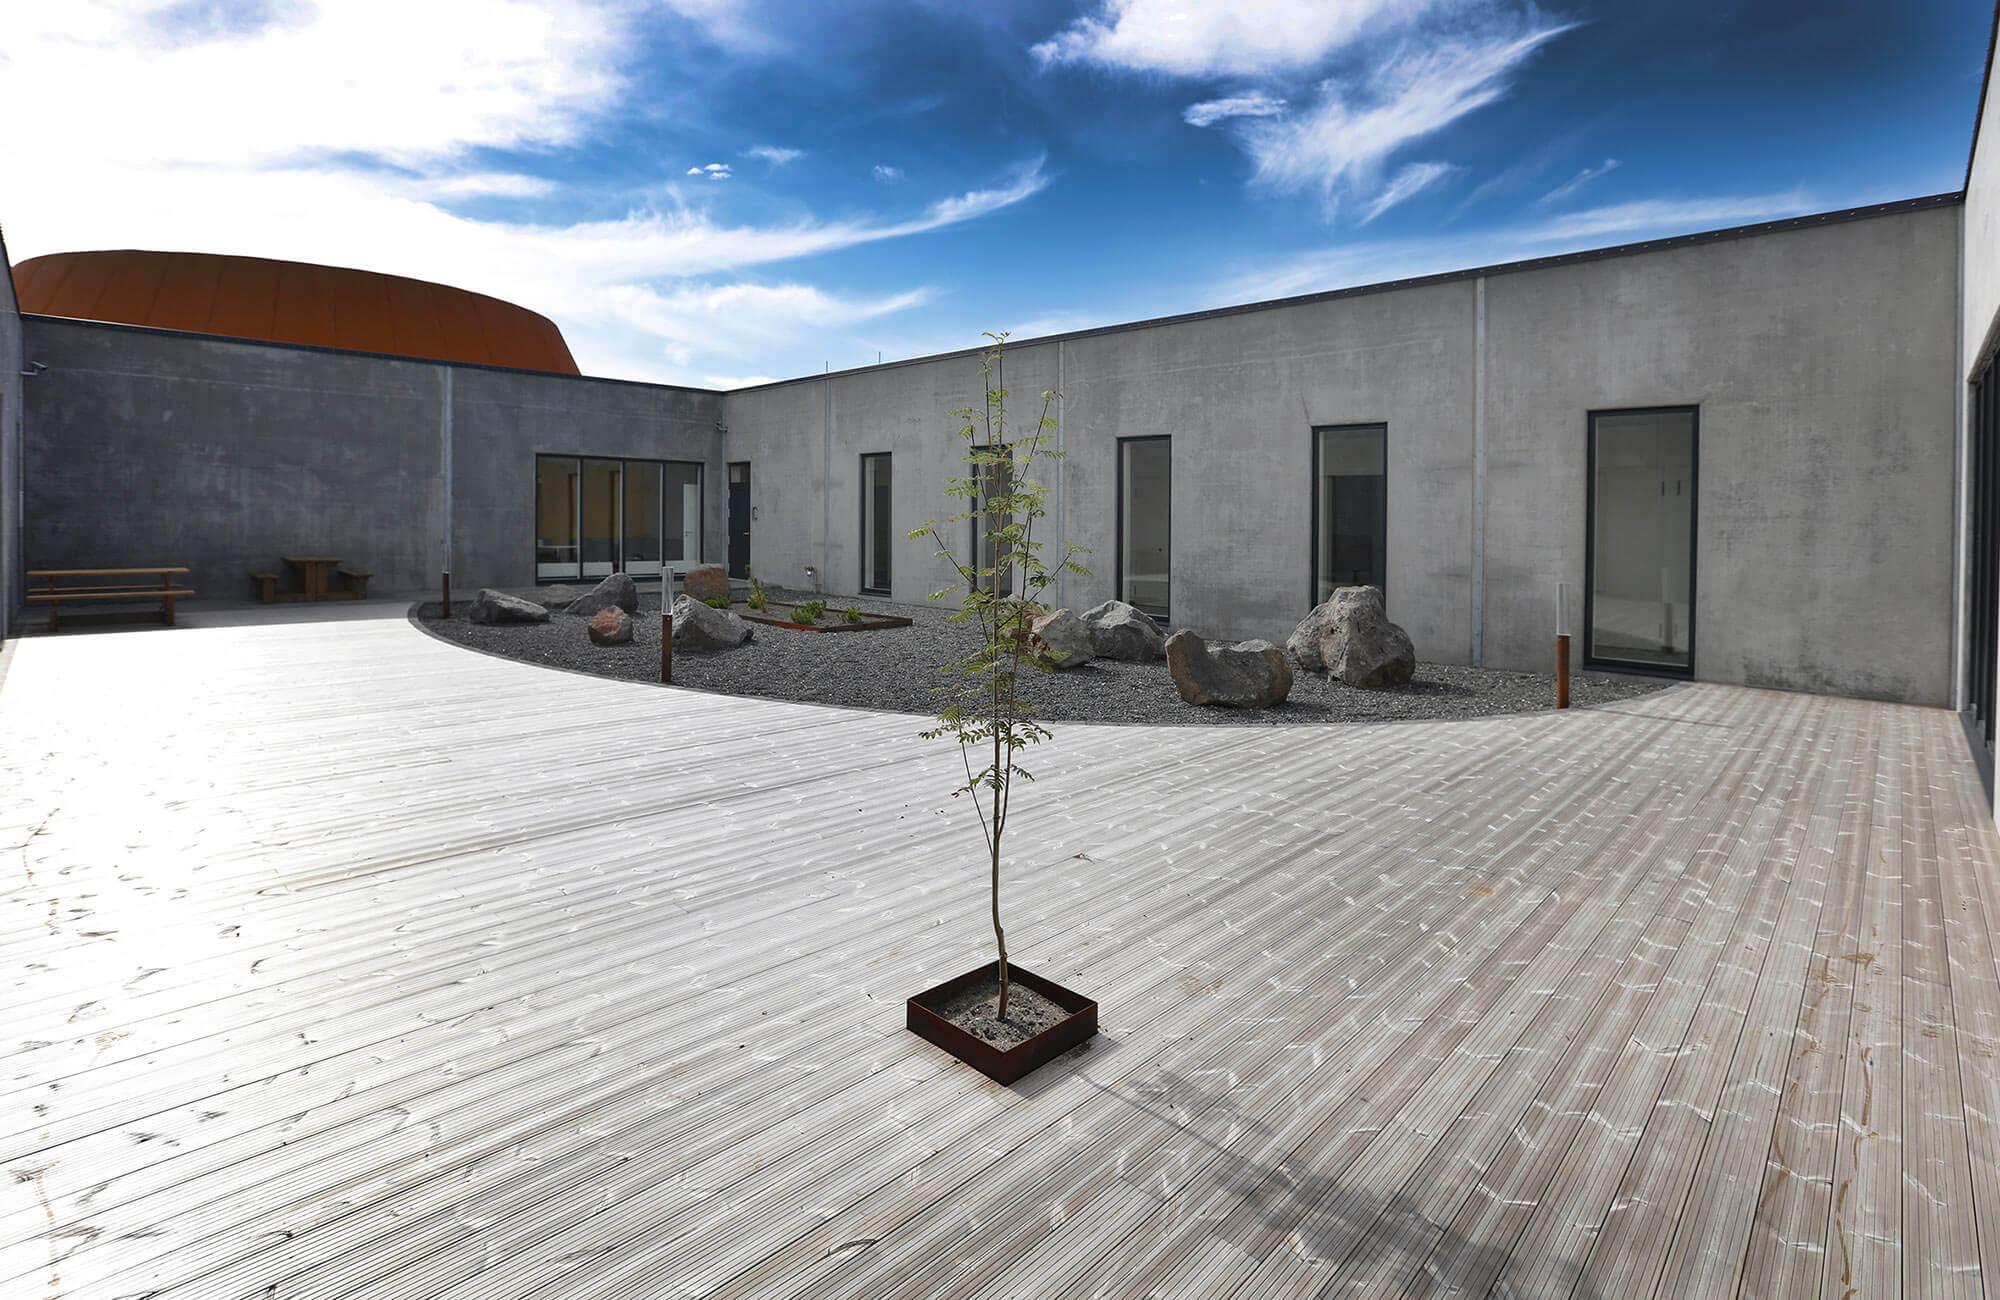 Nachhaltigkeit beim Bau einer Justizvollzugsanstalt– auch das schafft skandinavische Architektur.